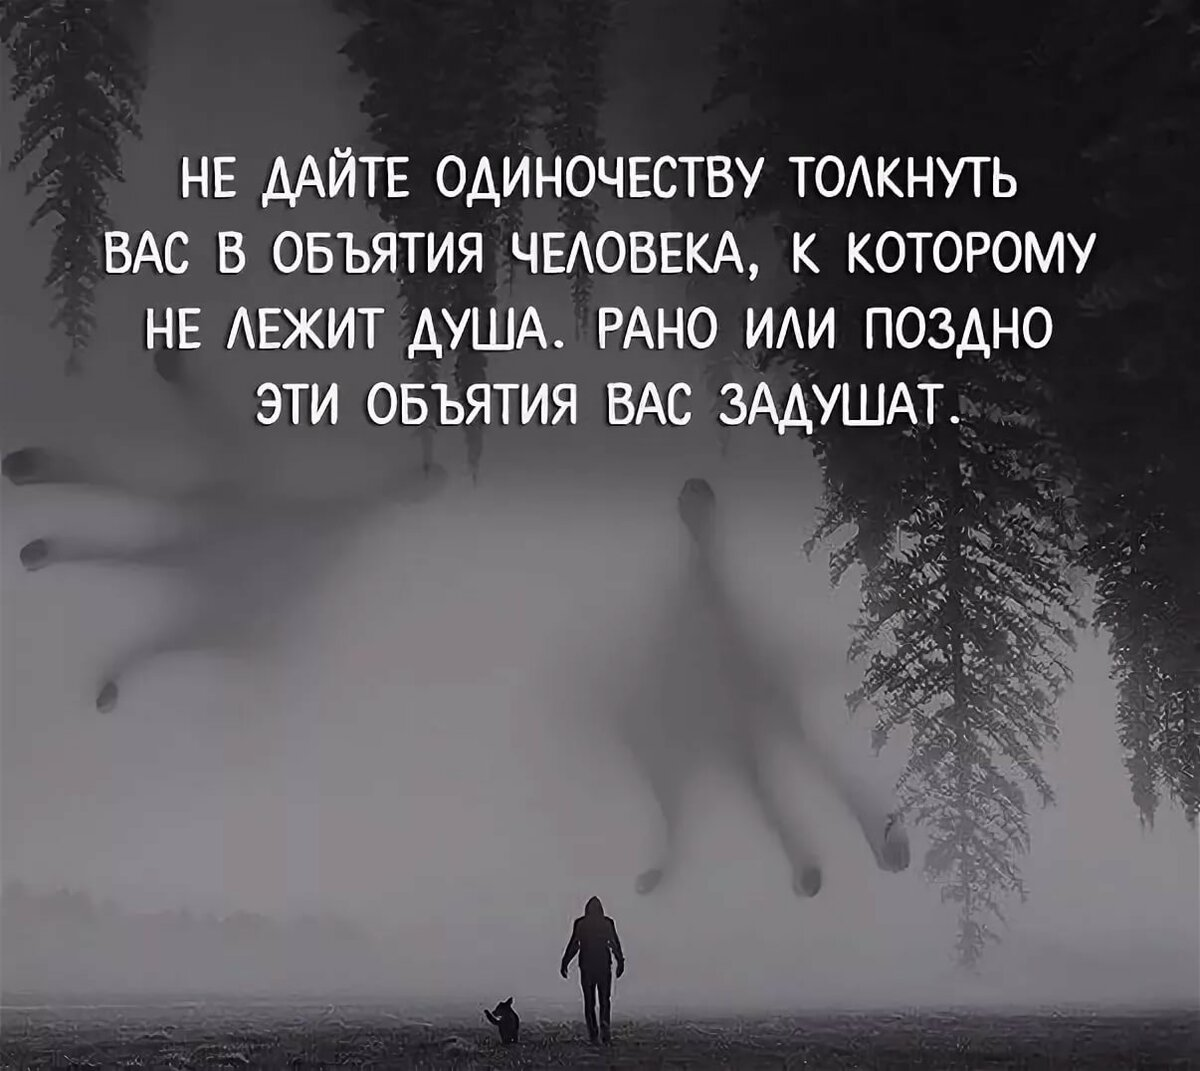 Картинка стихи про одиночество пустоту и потерянность